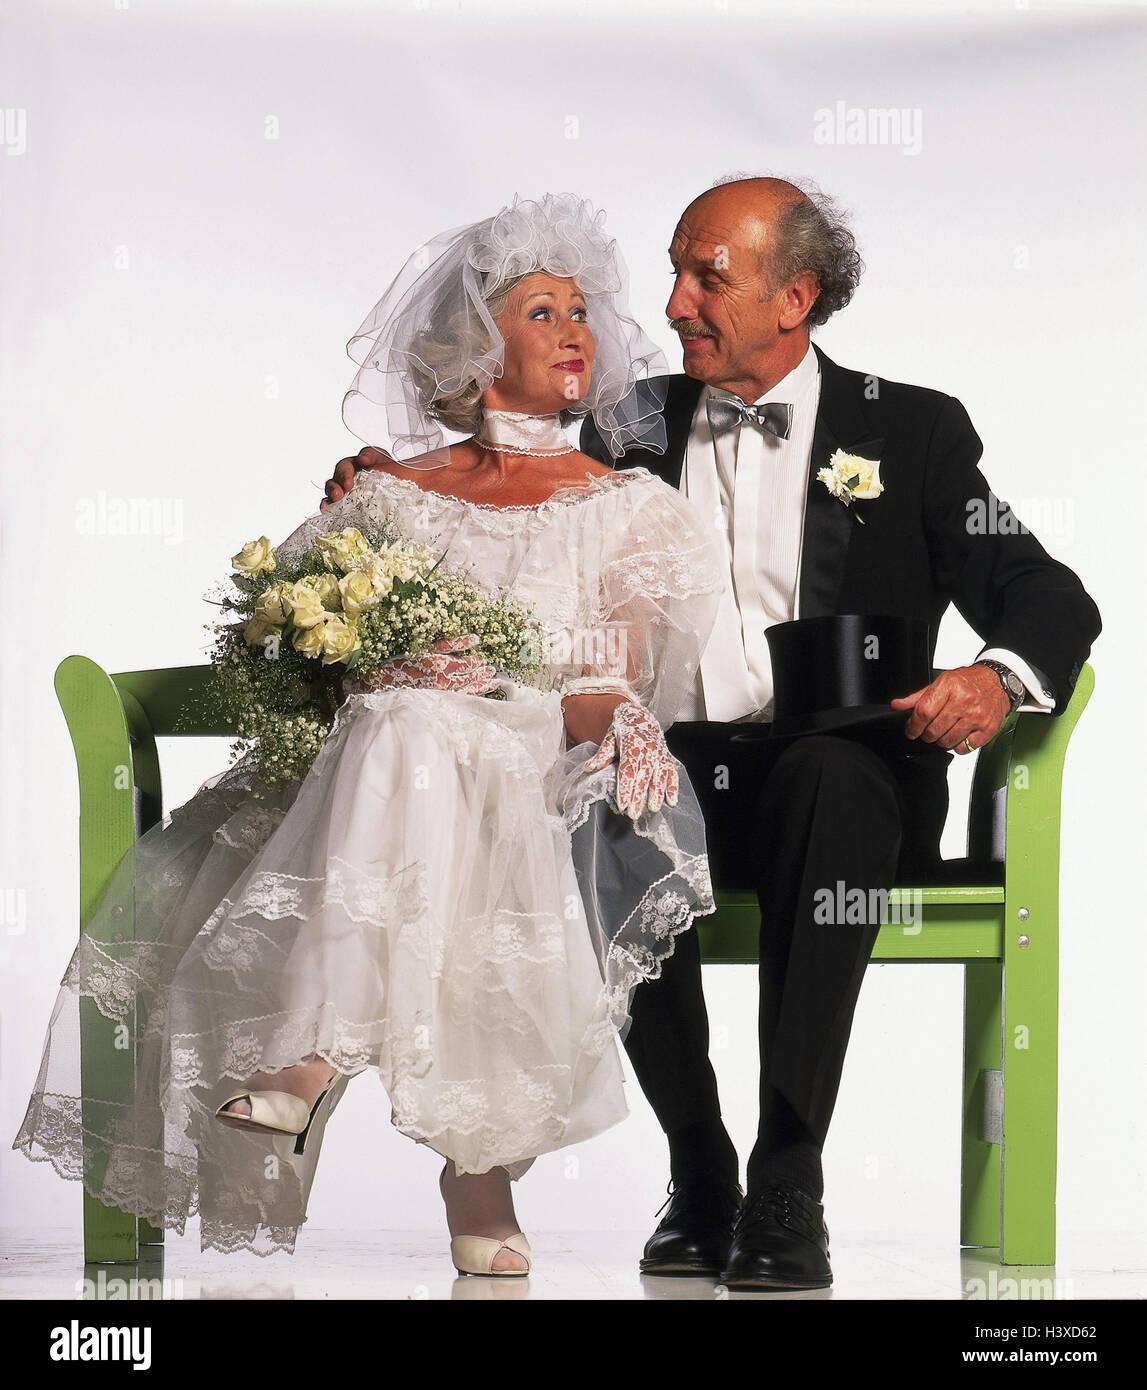 Vestito Matrimonio Uomo Con Cilindro : Sposa e lo sposo cittadini anziani banca sedersi contatto